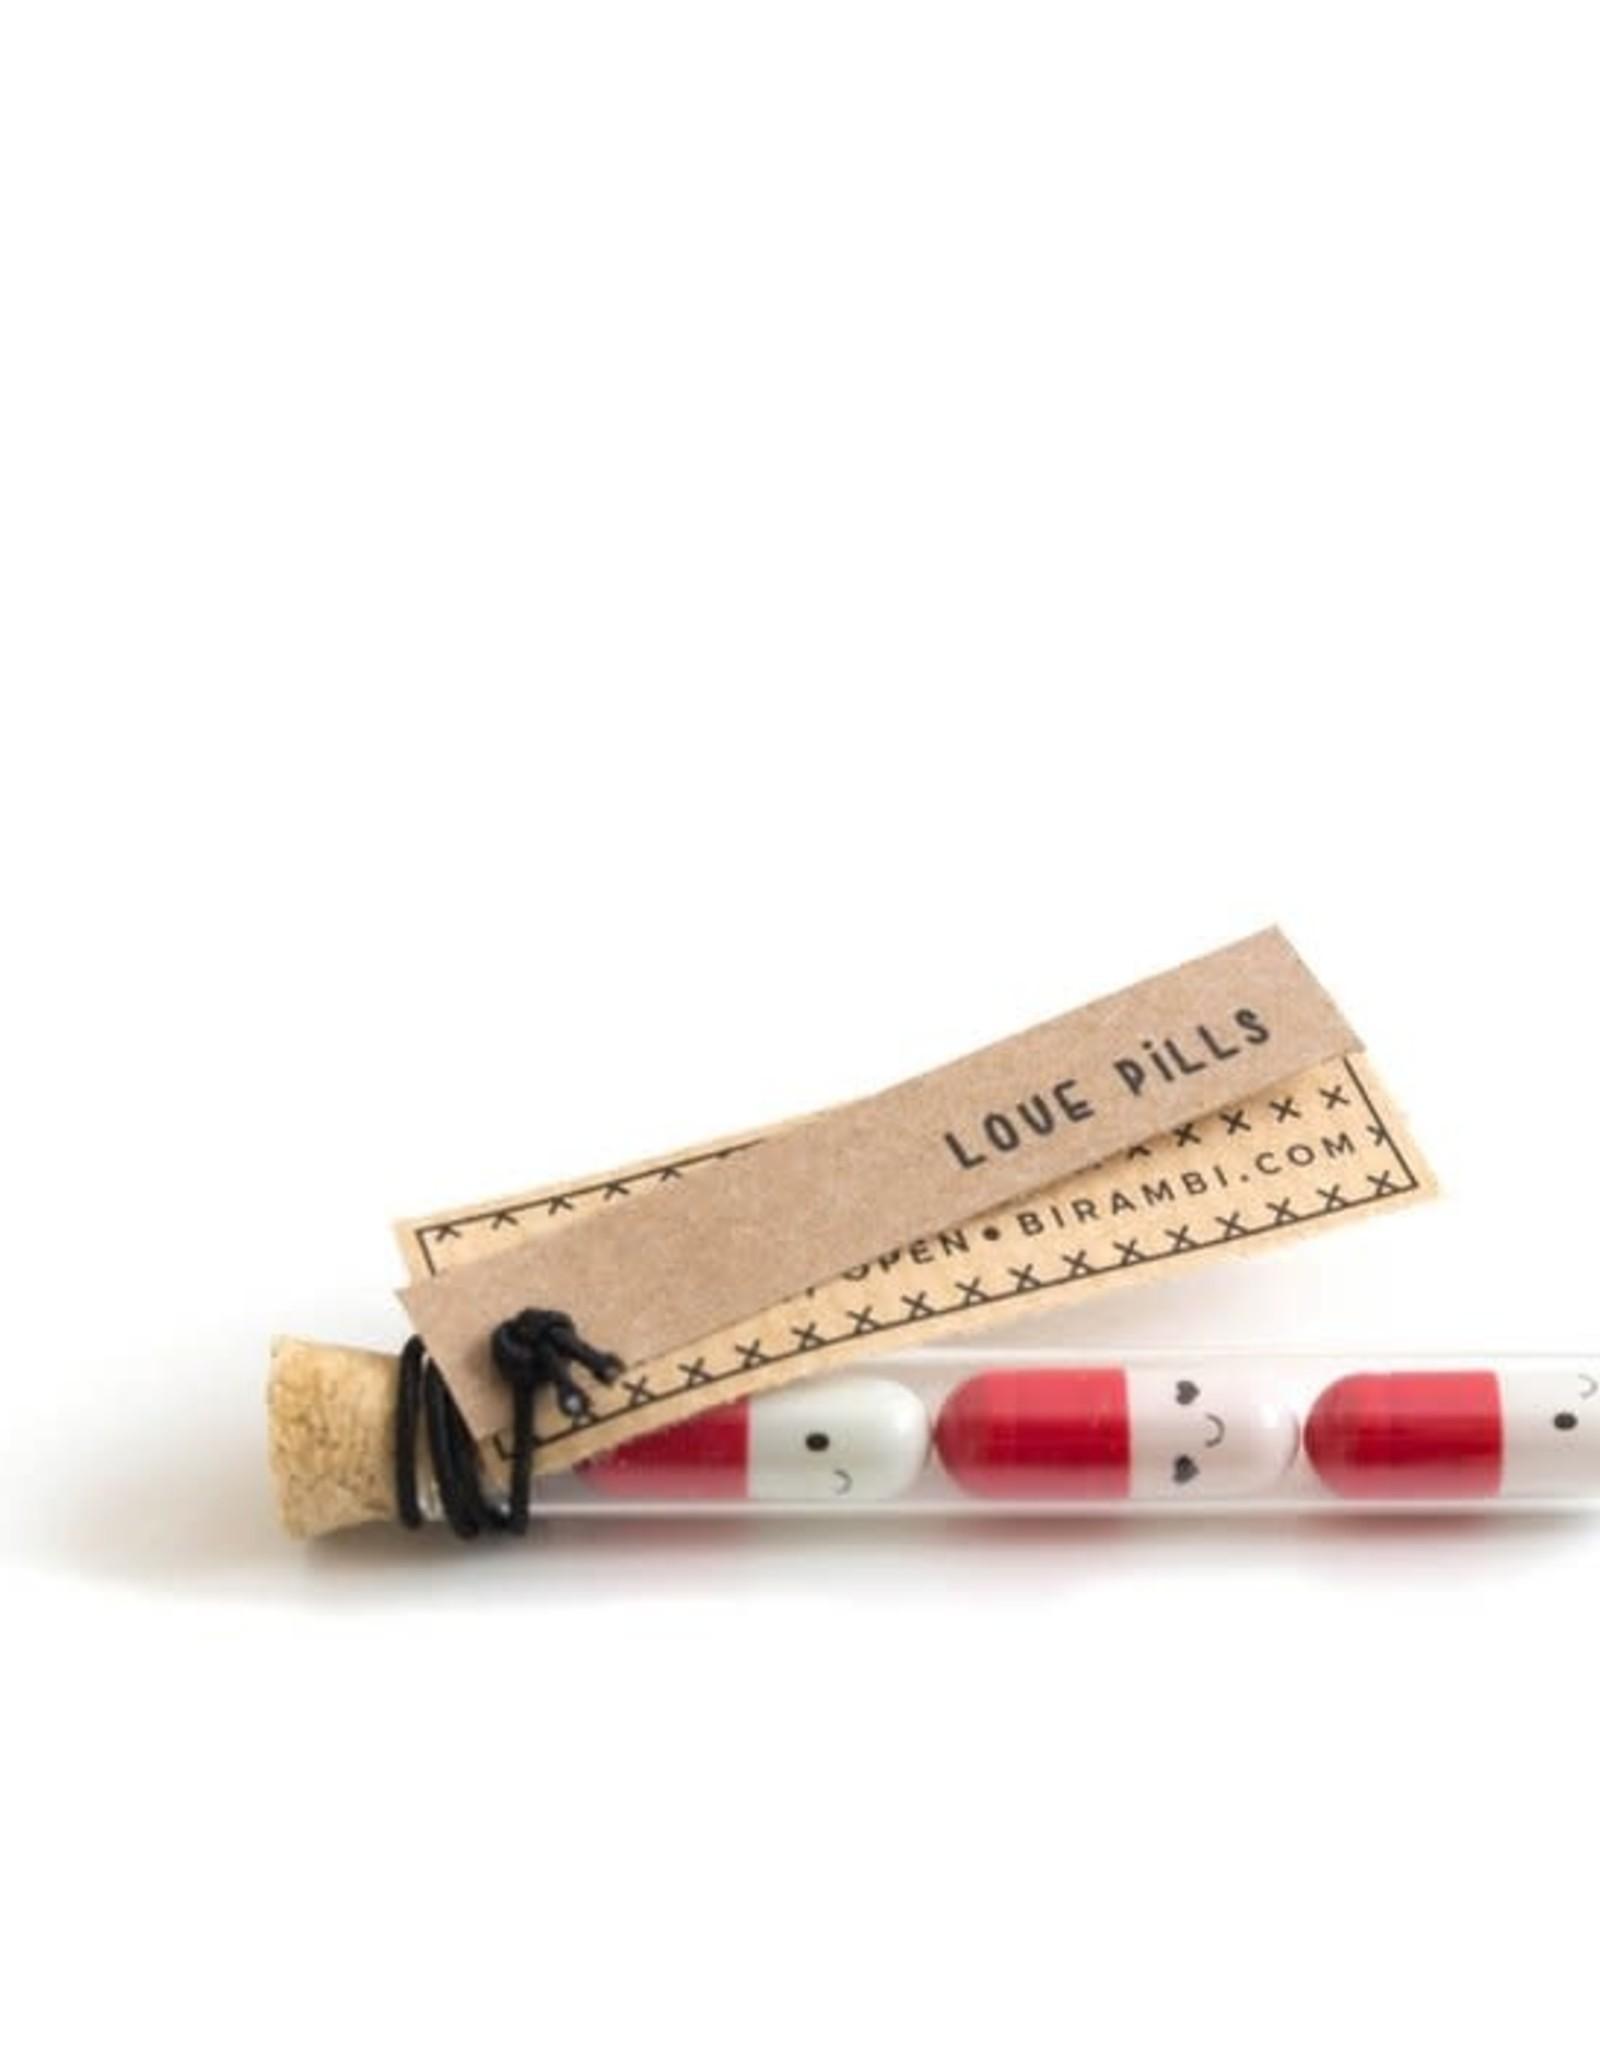 Birambi birambi LOVE pills